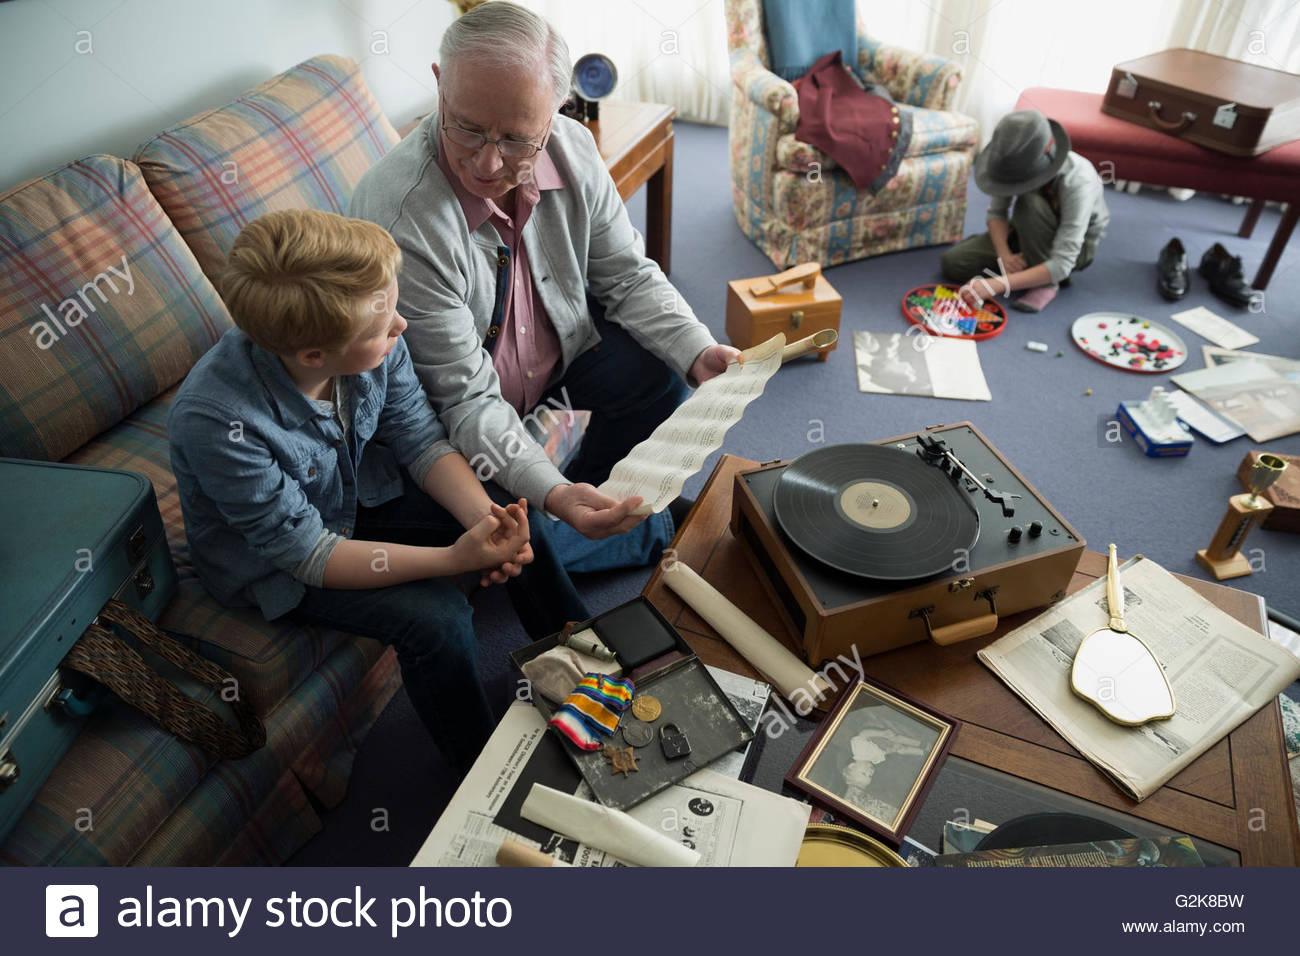 Grand-père et son petit-fils à la recherche de vieux souvenirs Photo Stock